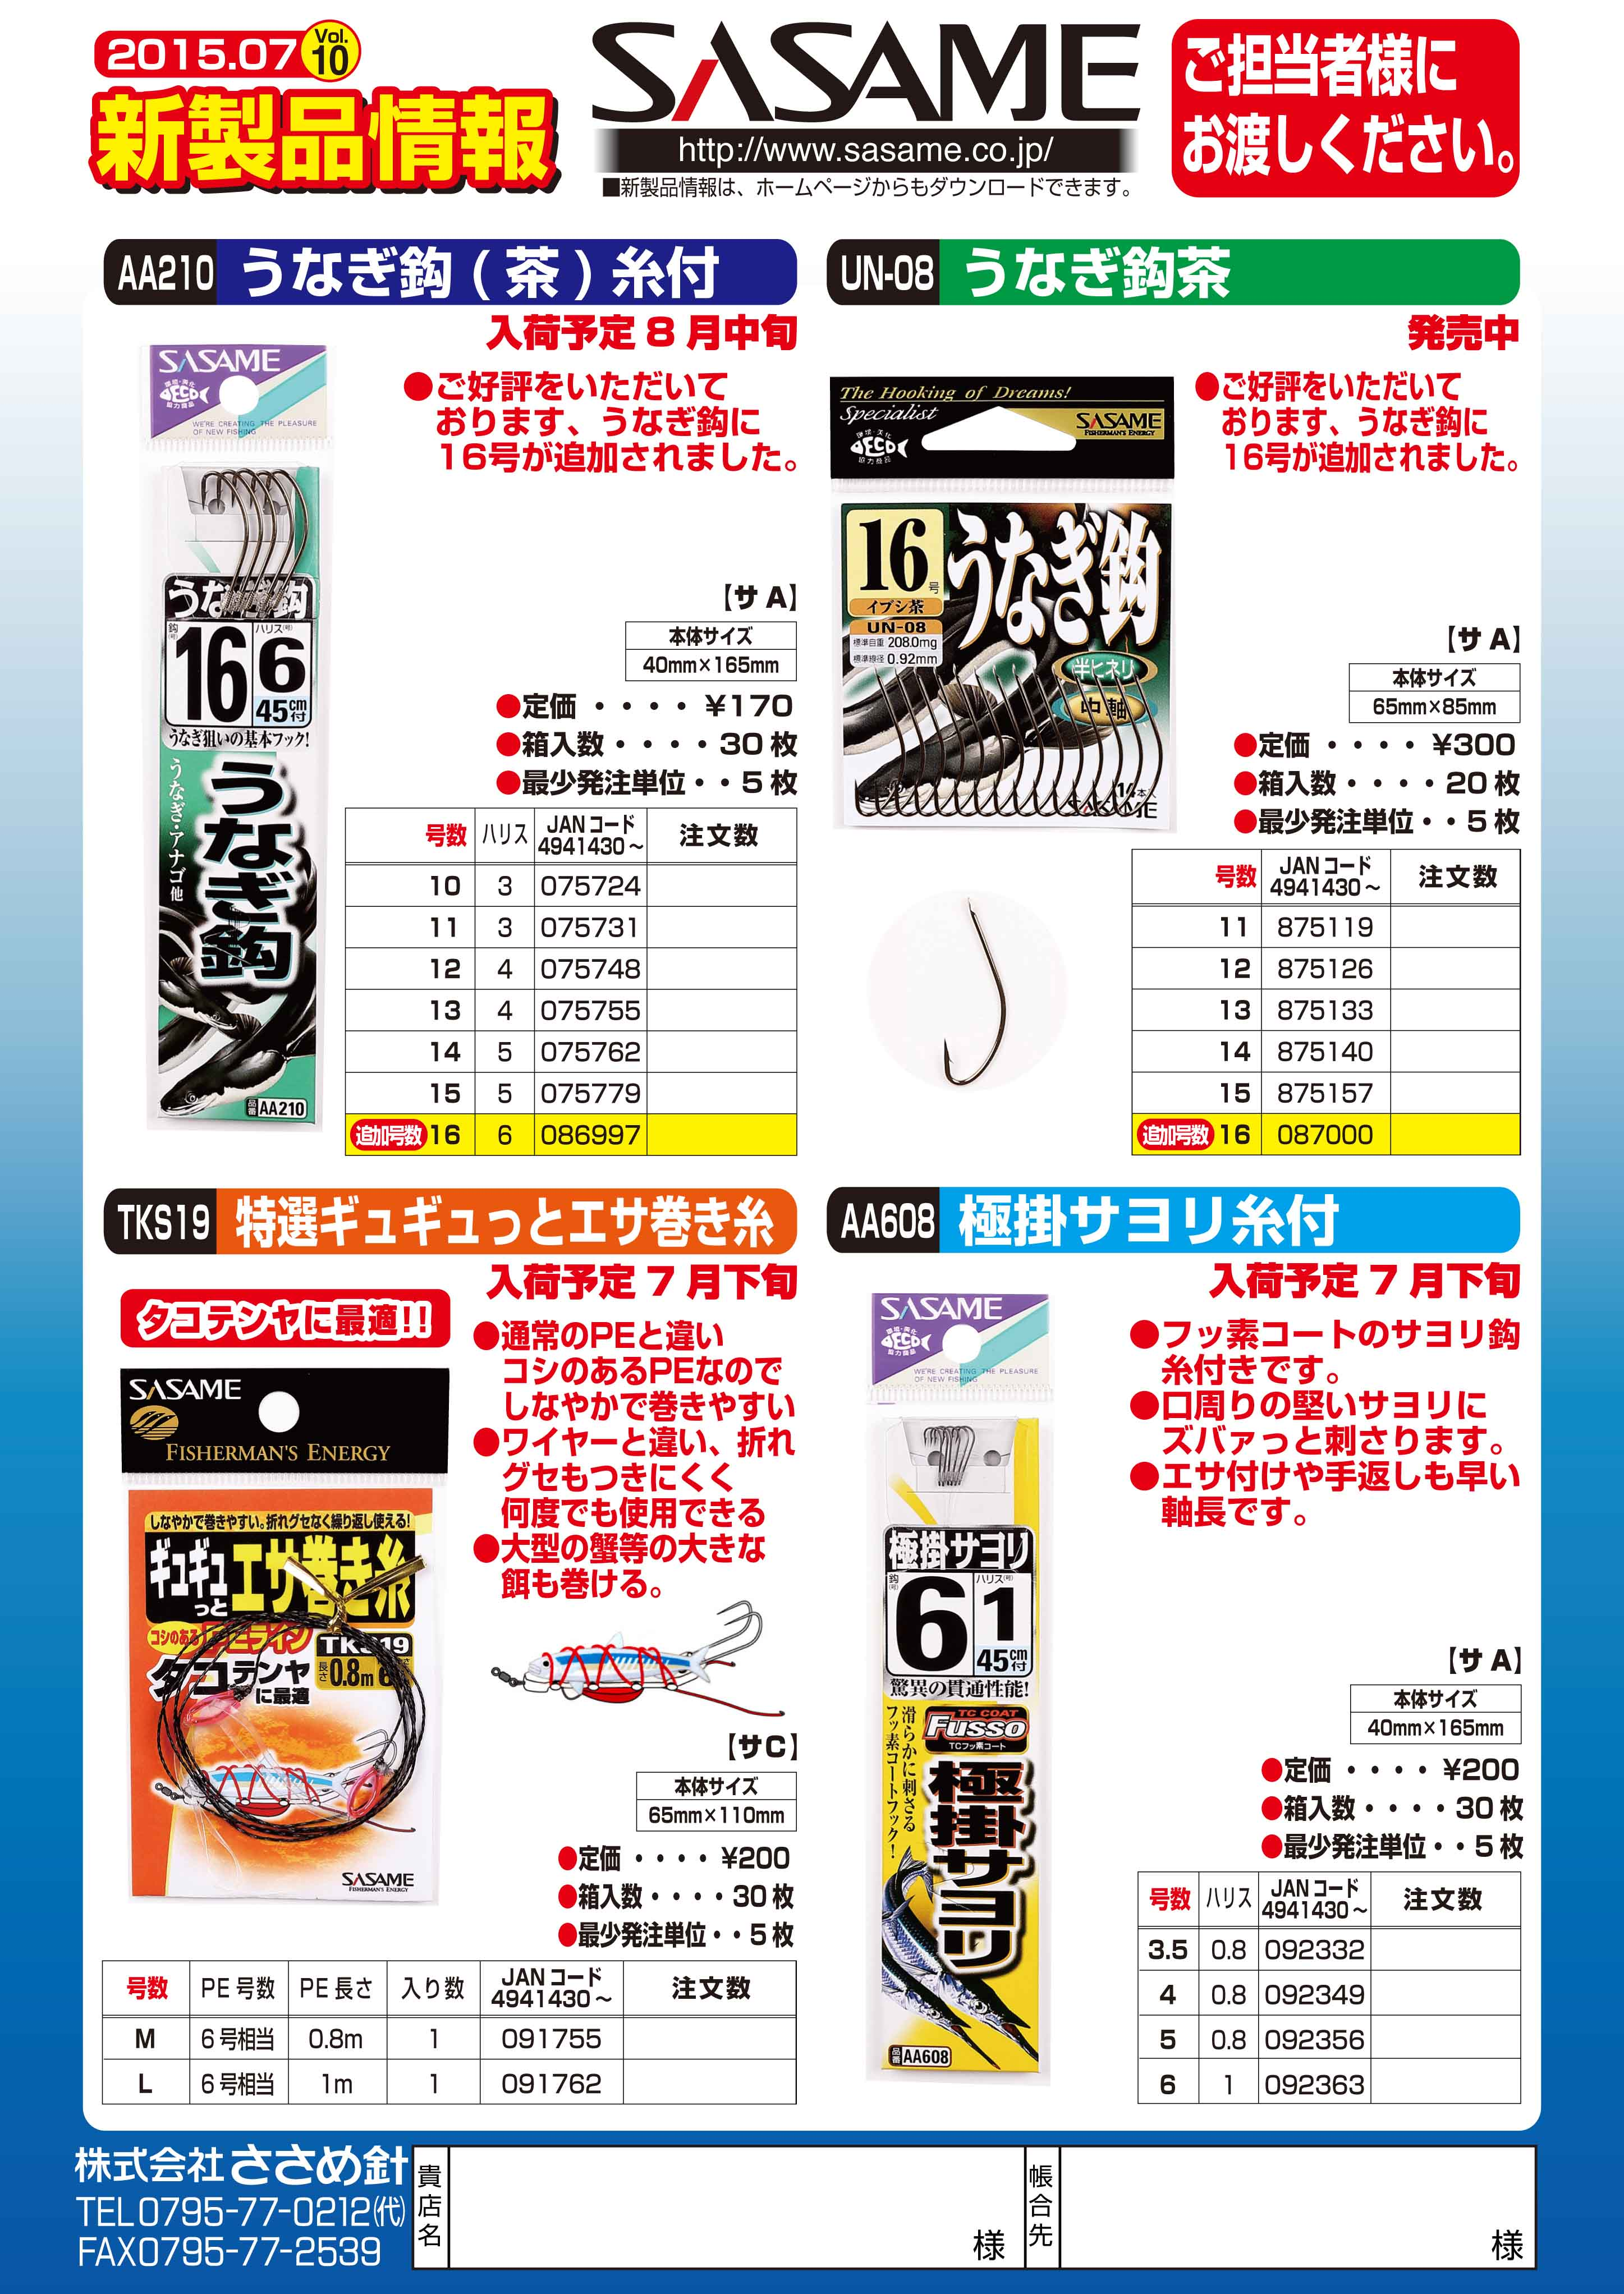 2015年新製品情報vol.10